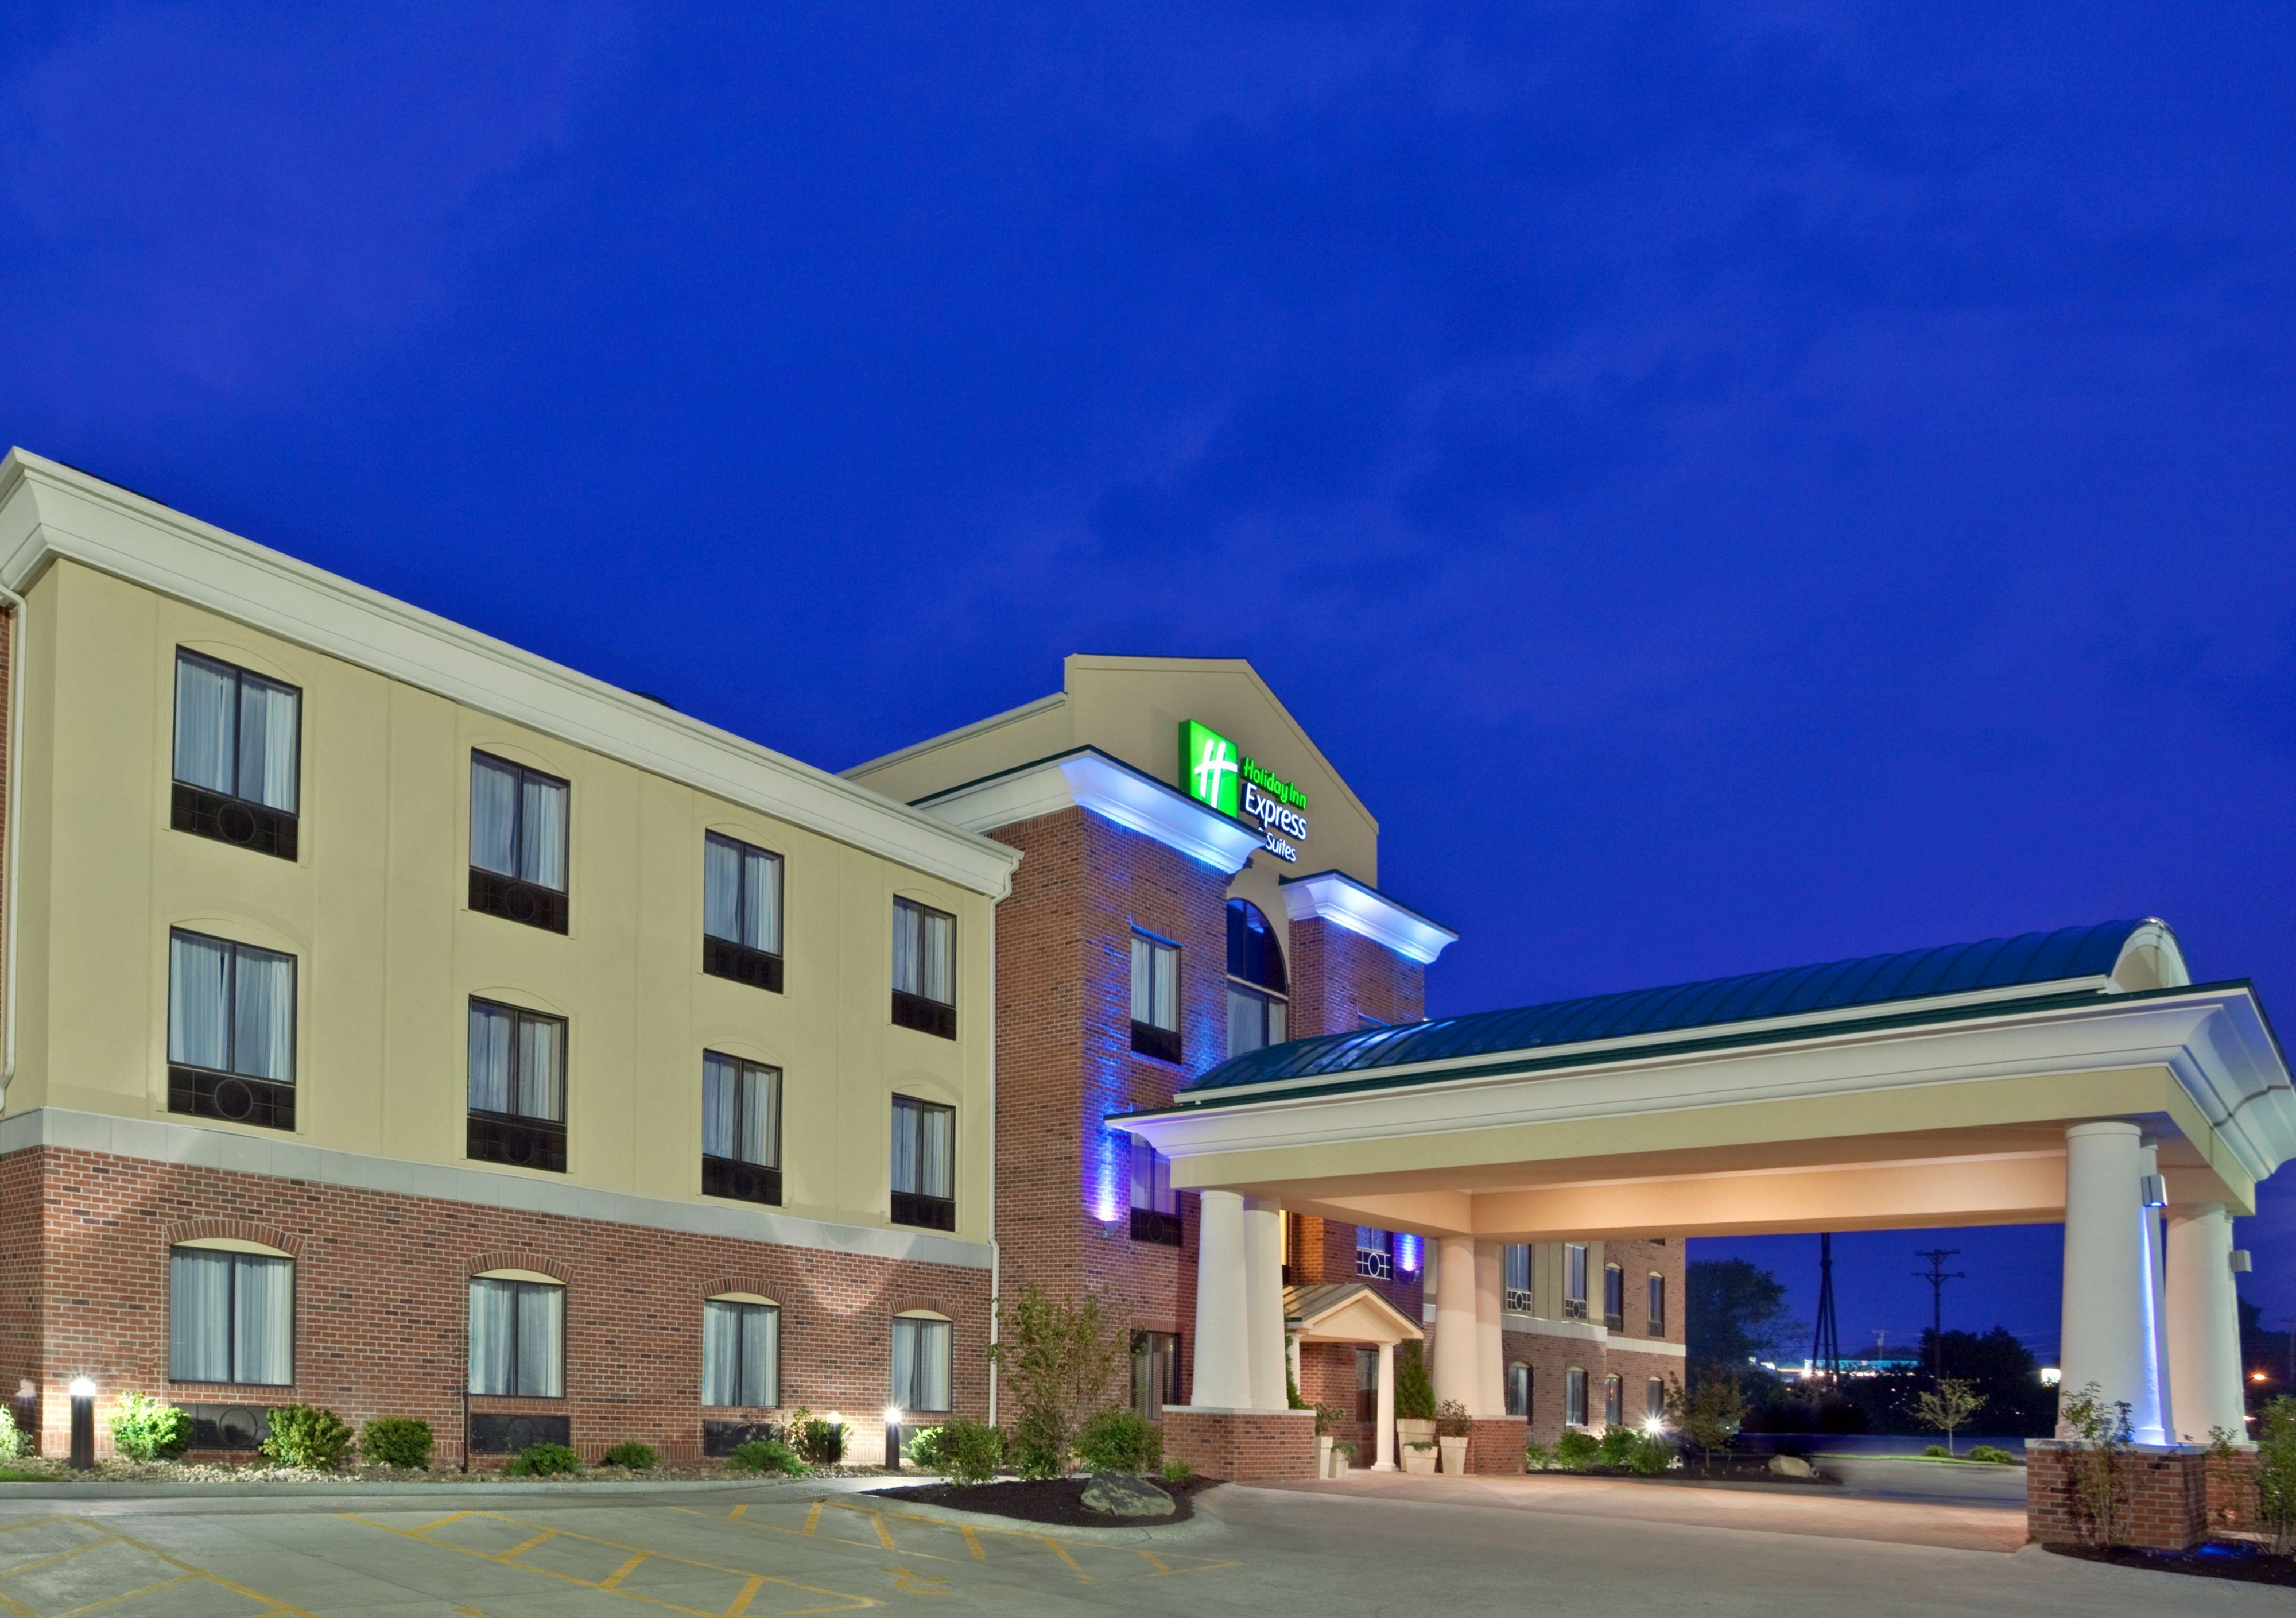 Holiday Inn Express Suites Dawson Creek Dawson Creek Bc Ourbis